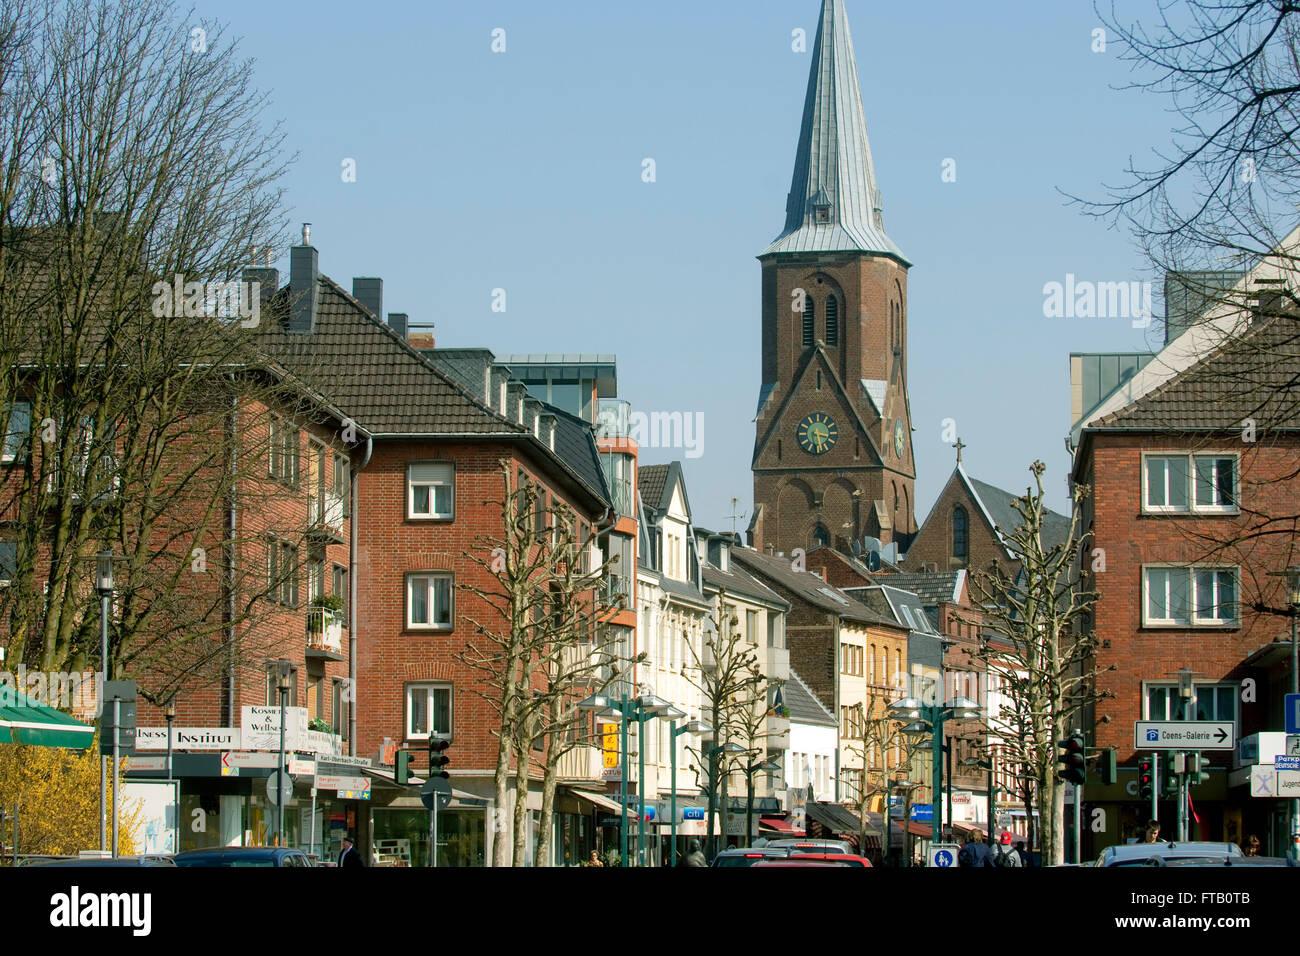 BRD, Nordrhein-Westfalen, Rhein-Kreis Neuss, Grevenbroich, Stadtansicht - Stock Image